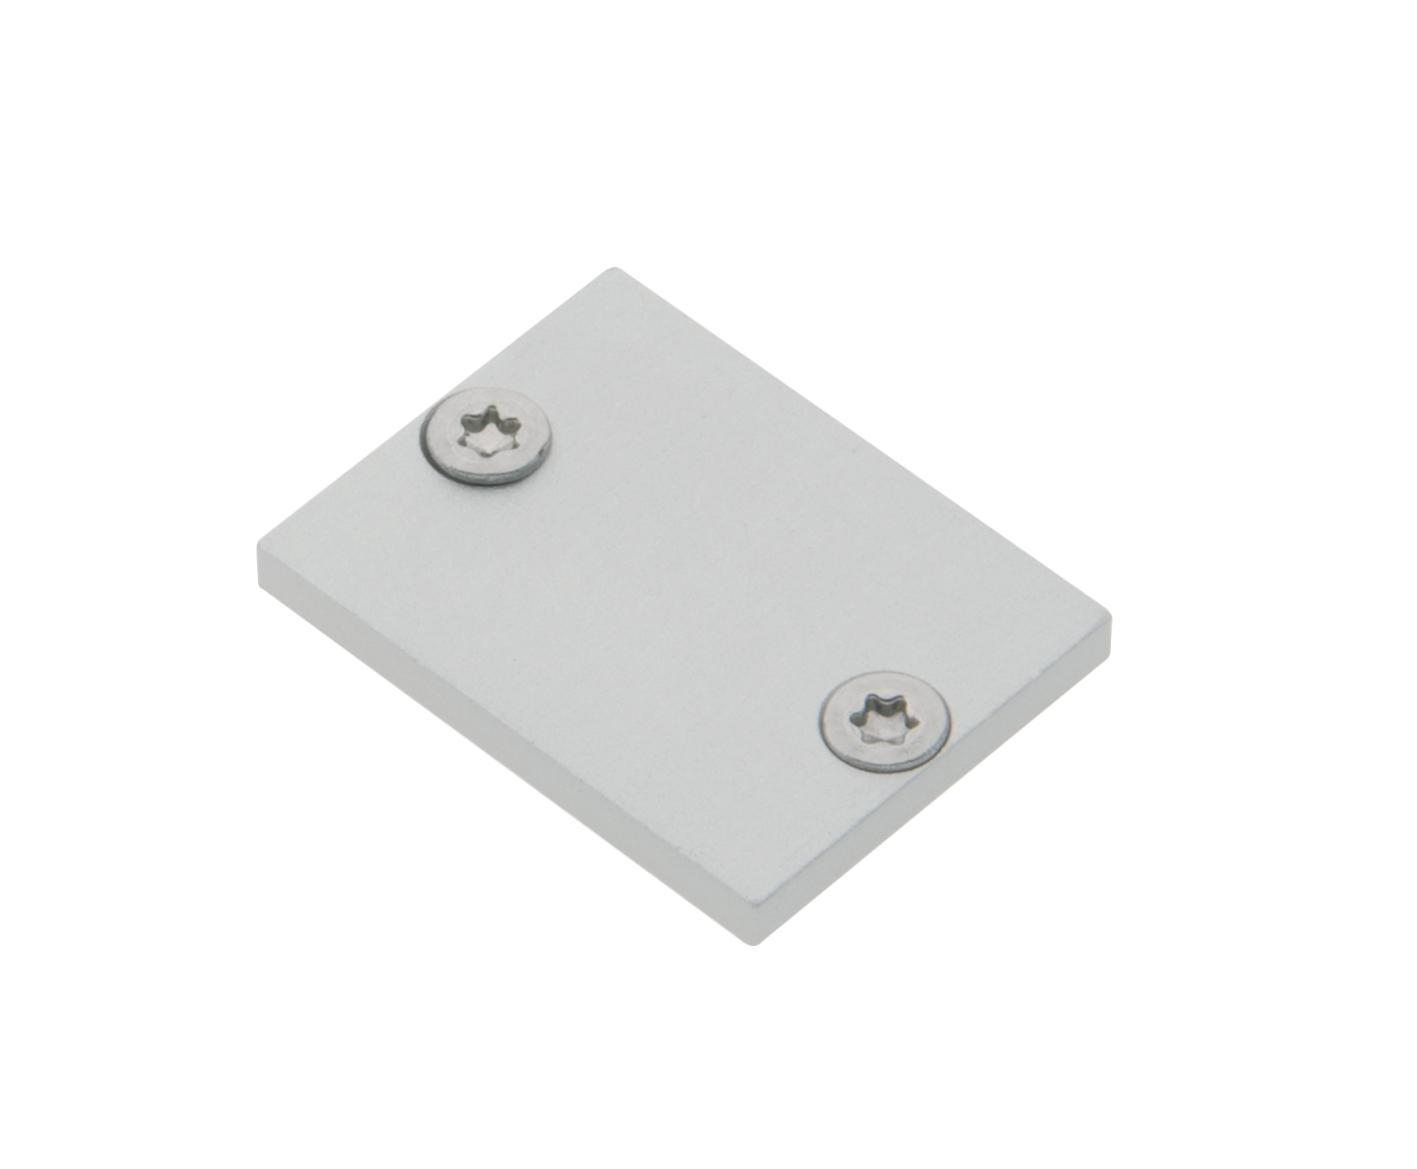 1 Stk Profil Endkappe TBL Flach geschlossen inkl. Schrauben LIEK002800